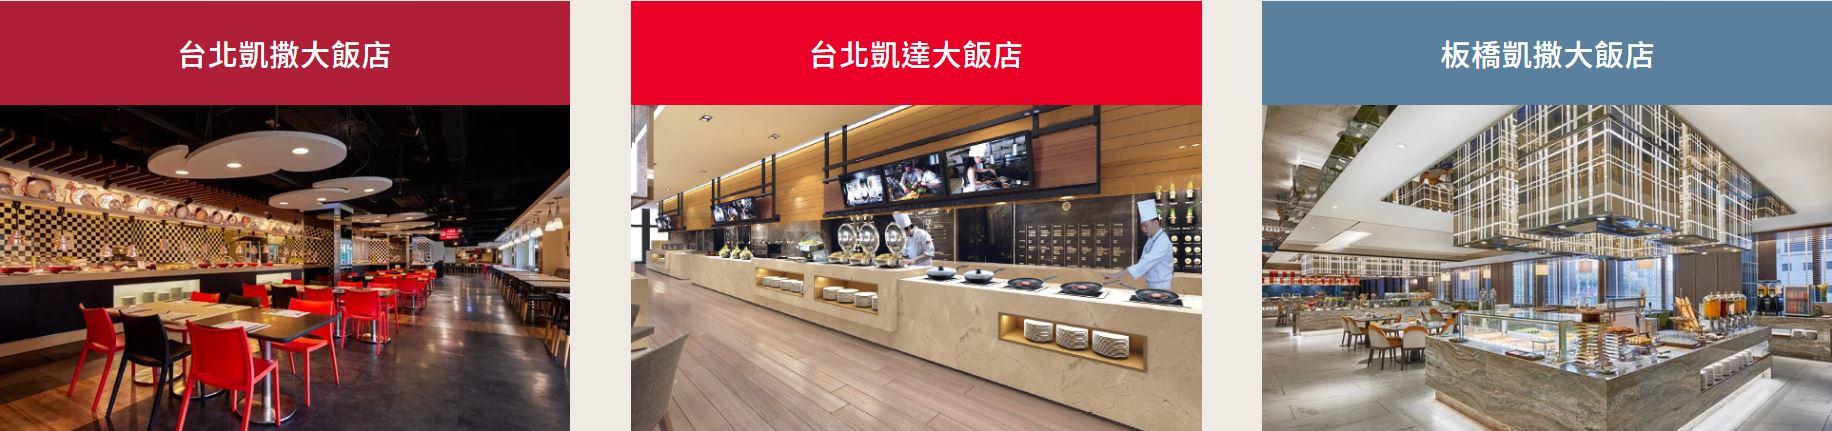 【2019 ITF旅展】凱撒飯店連鎖推出超狂限量聯合餐券(最低6.6折起) - threeonelee.com